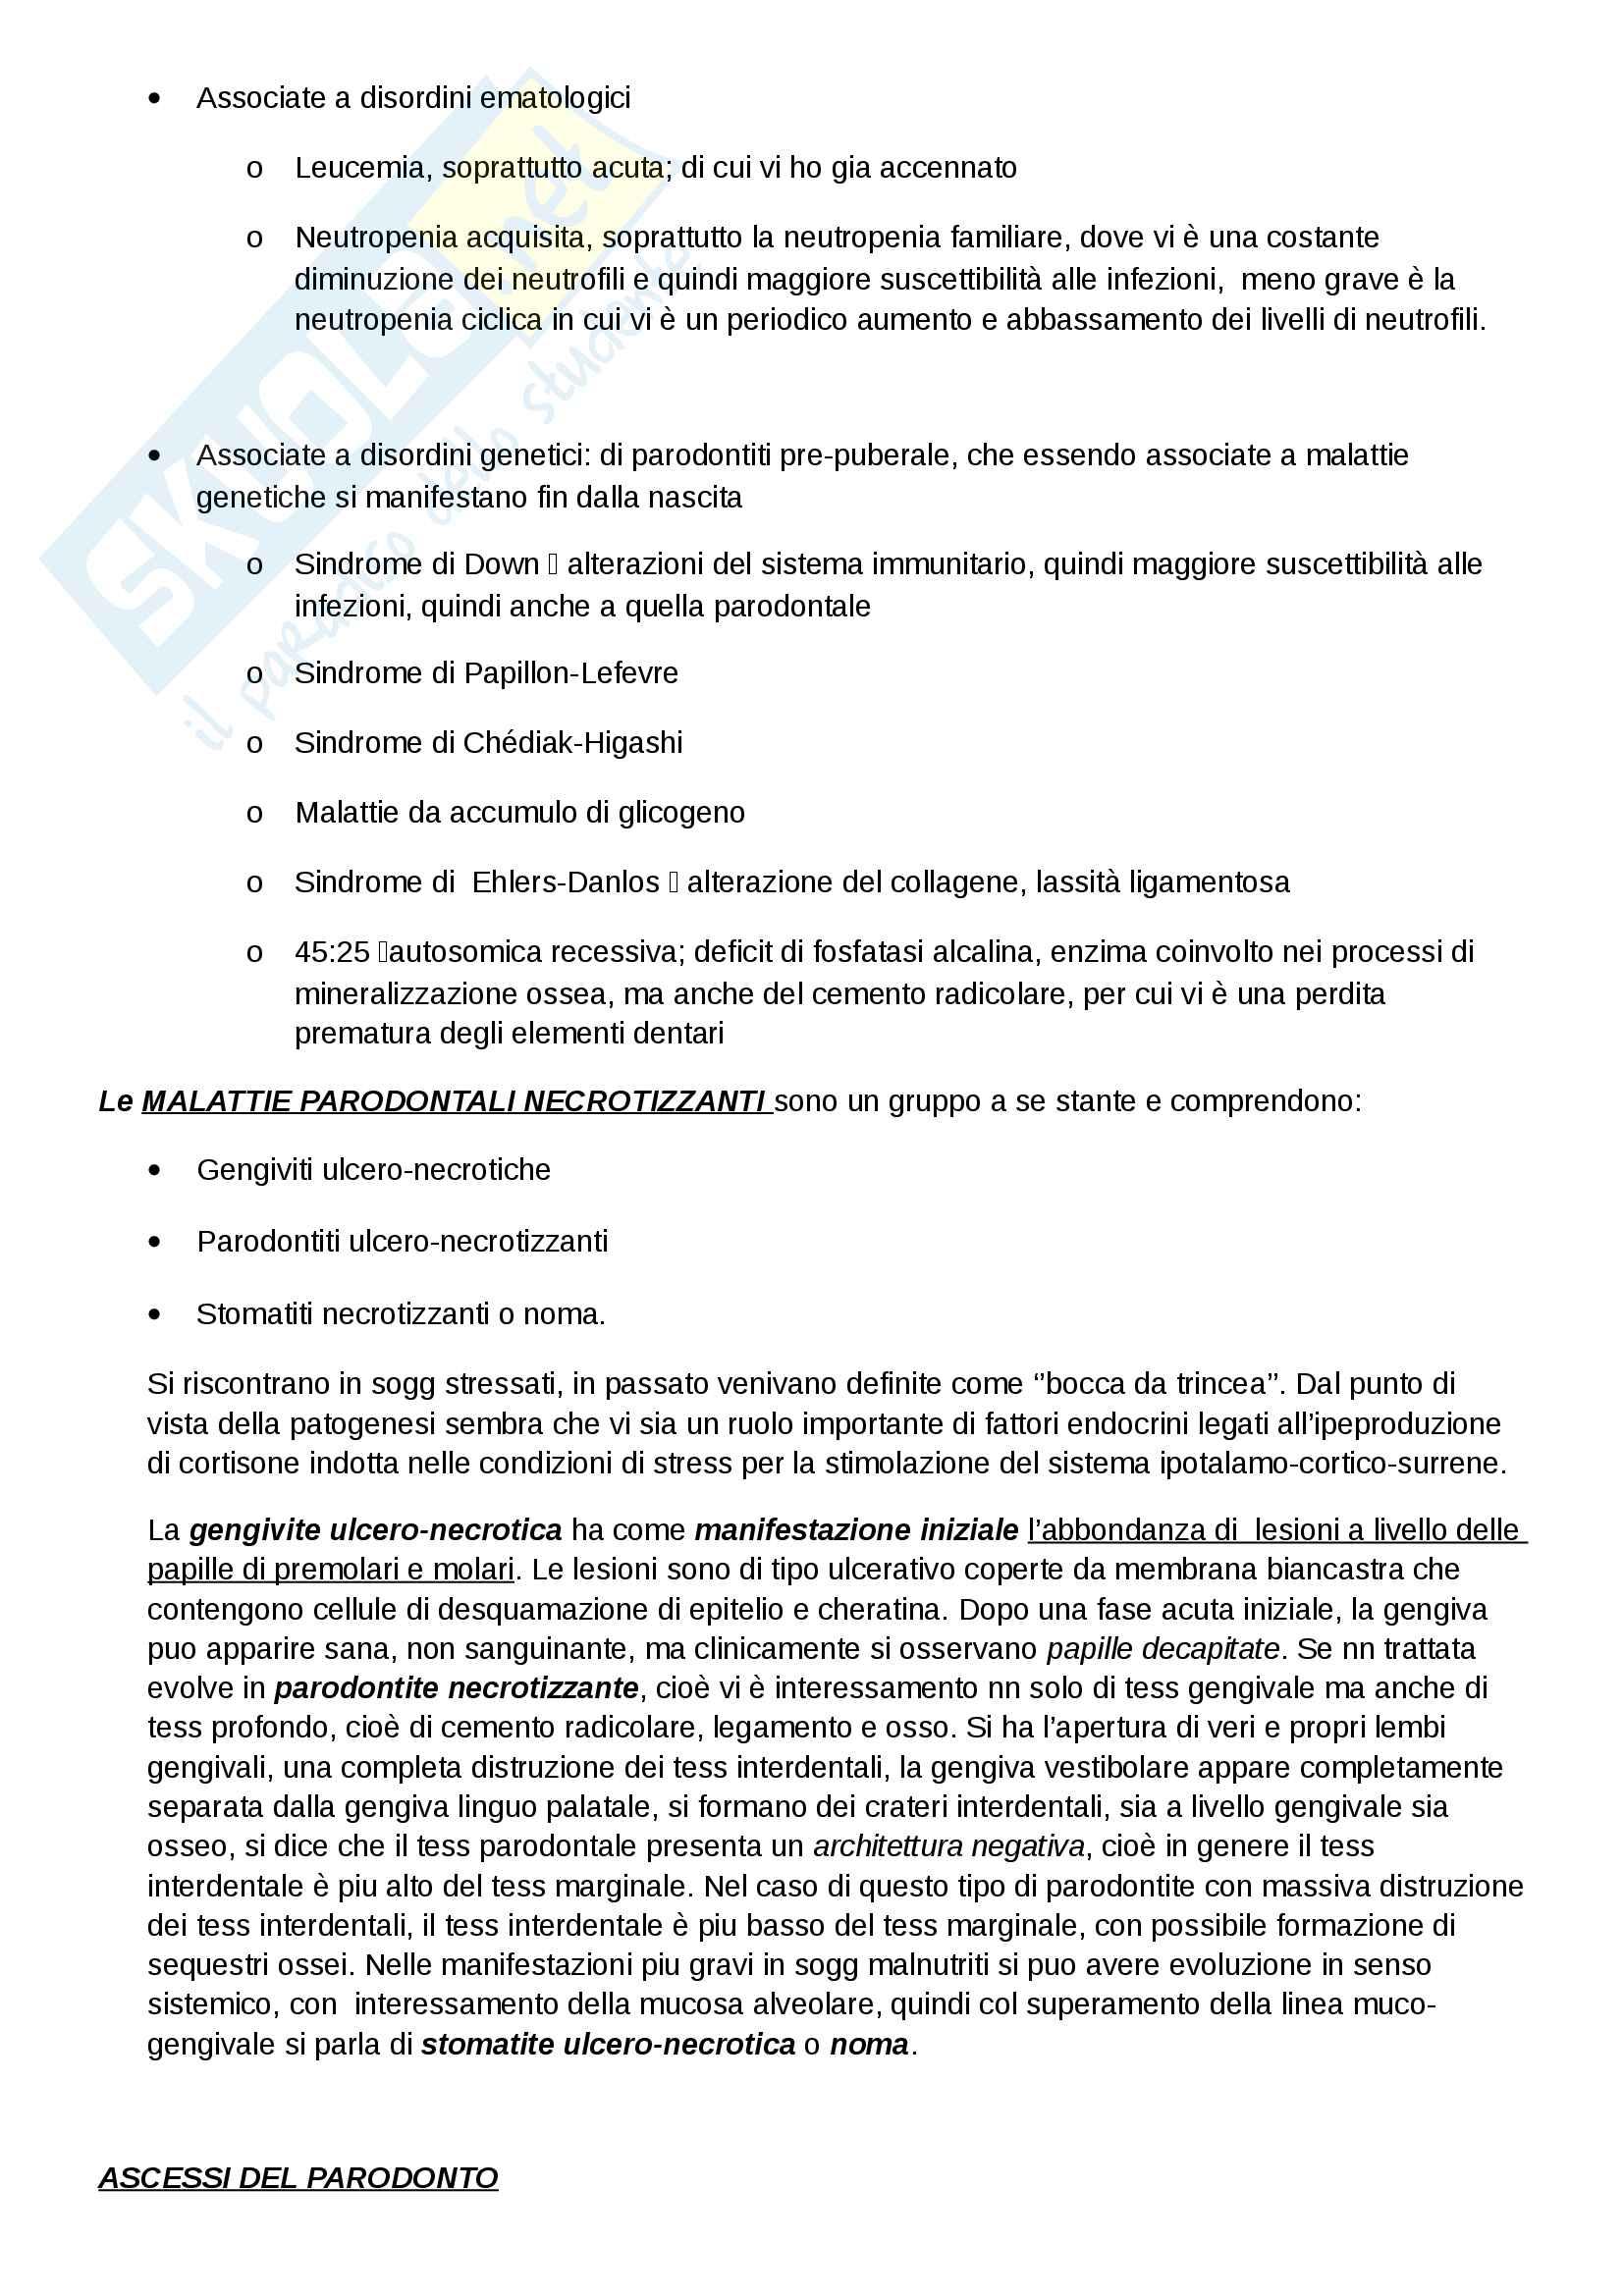 Classificaz. e eziologia della malattia parodontale Pag. 6